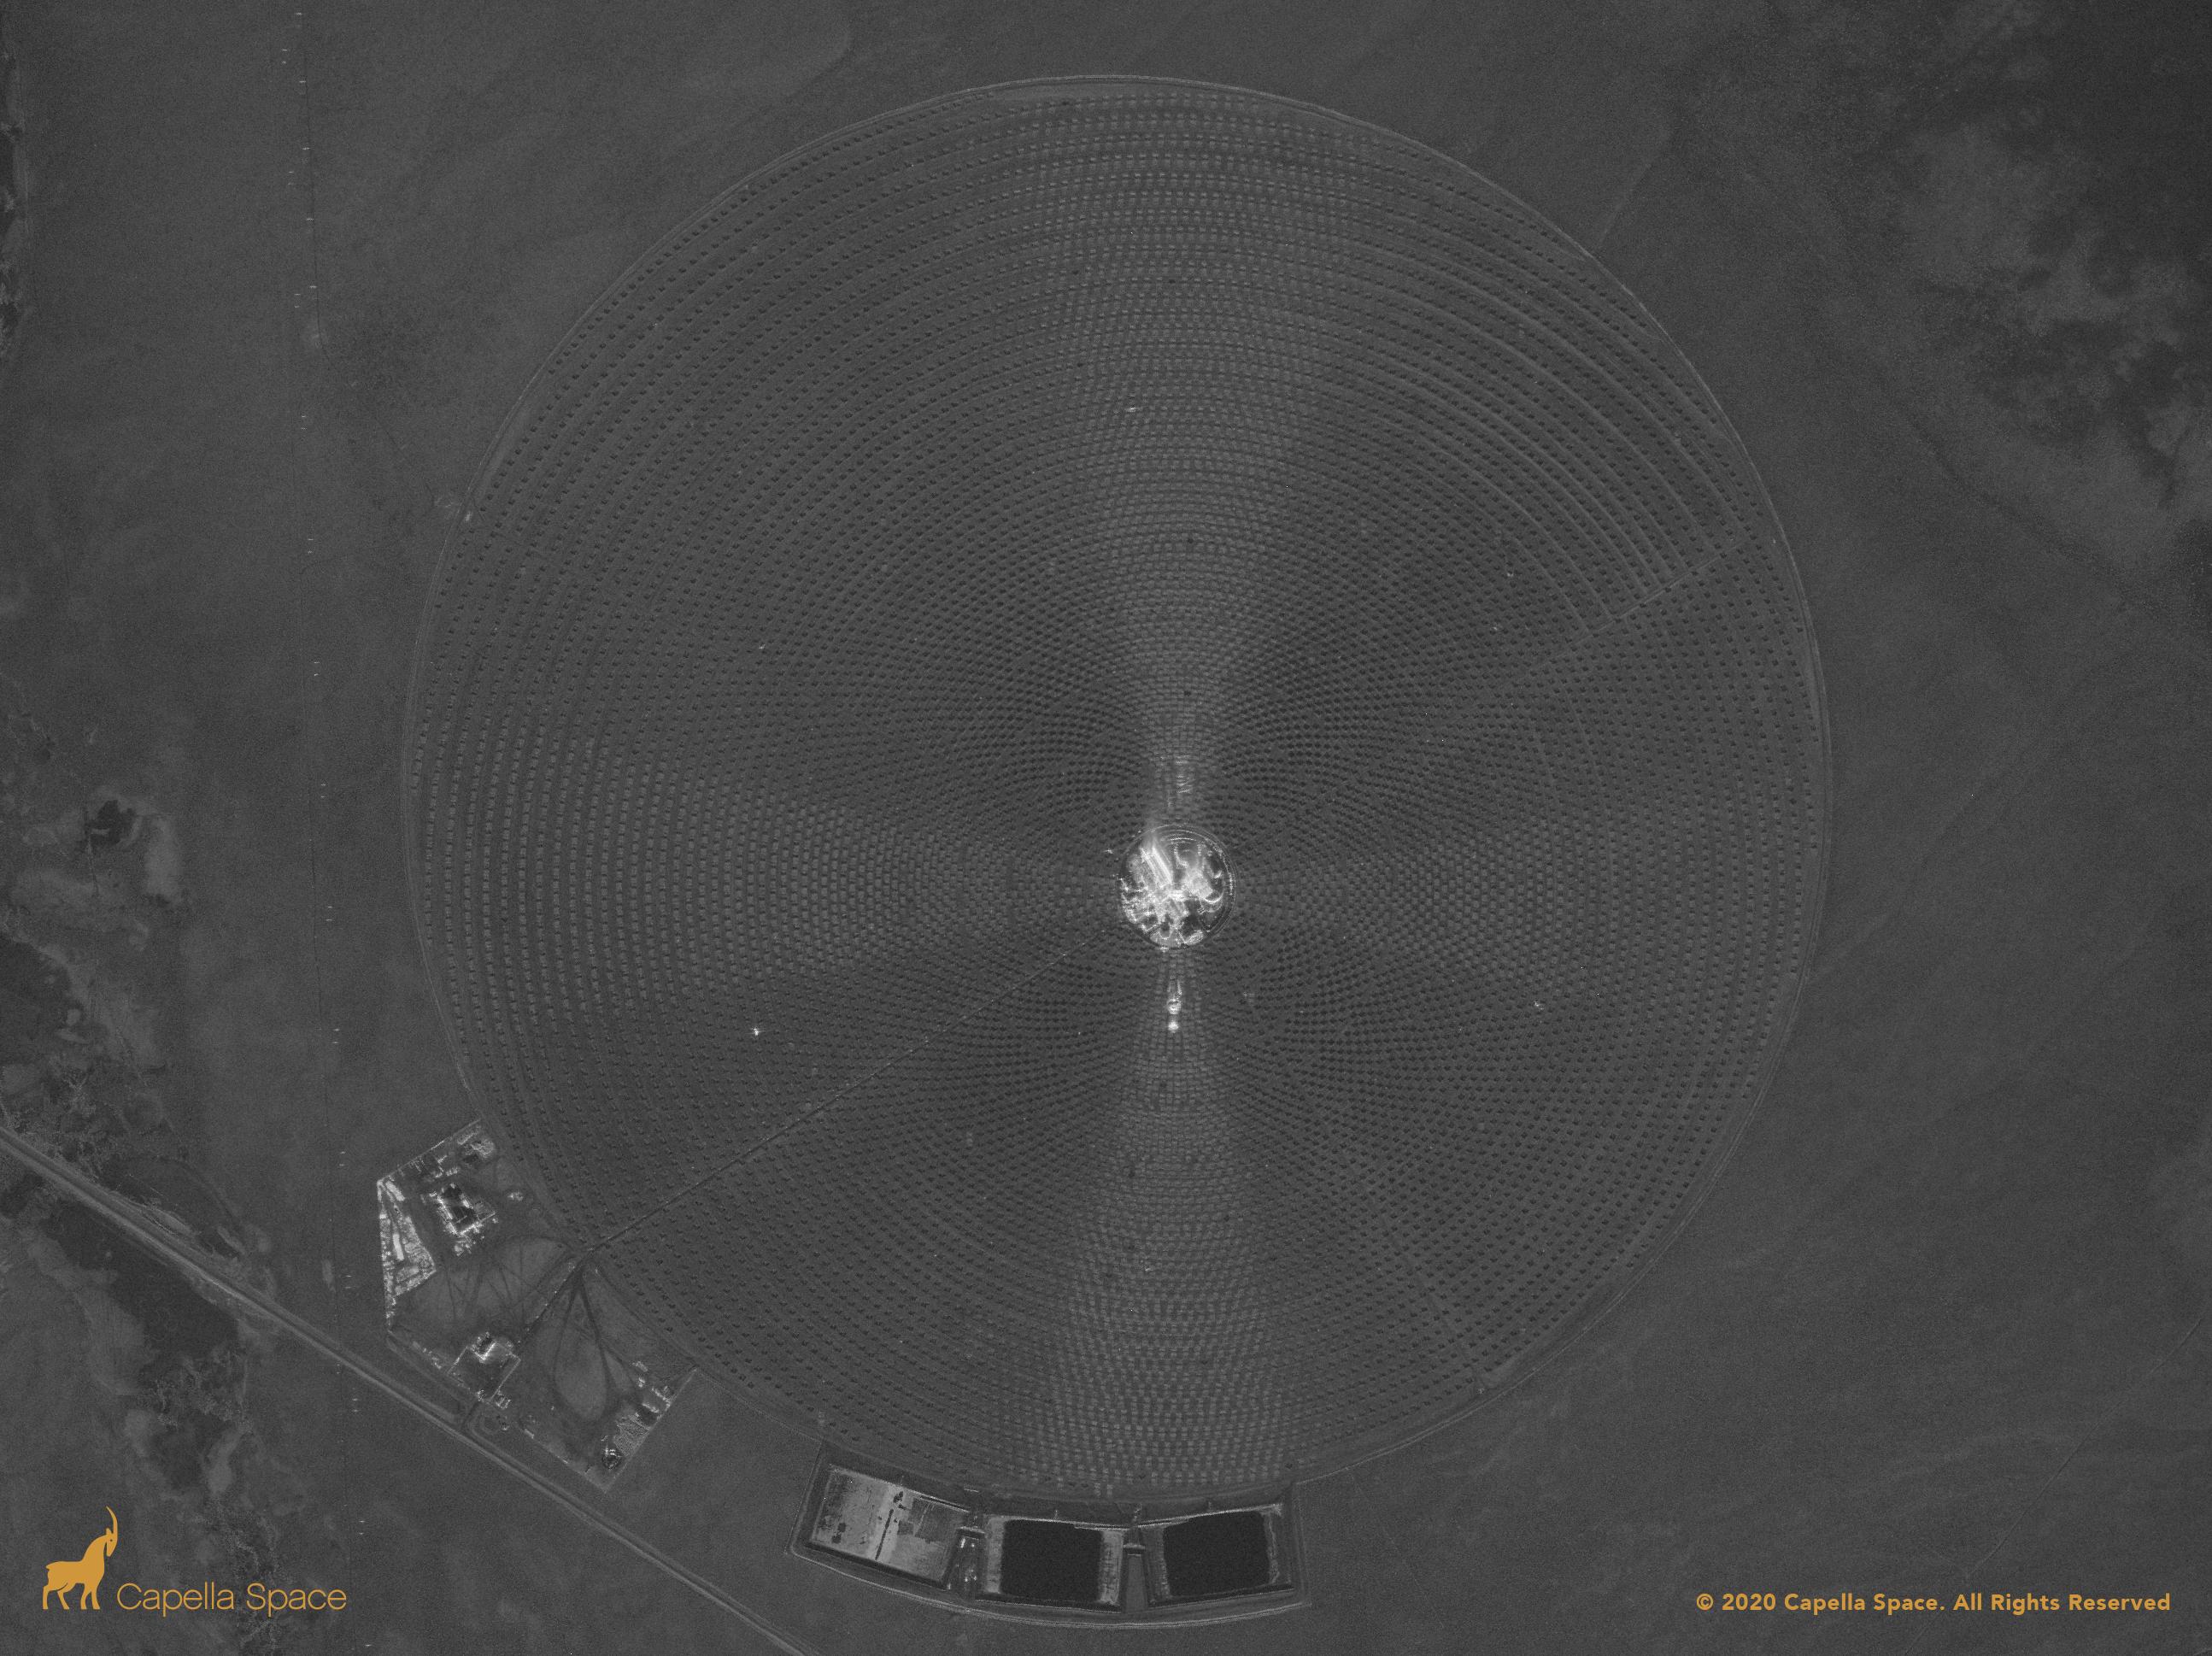 Sur cette image, vous pouvez voir le projet d'énergie solaire Crescent Dunes près de Tonopah, Nevada.  Le réseau circulaire de miroirs de 2 miles carrés est capturé par les données SAR, incliné vers une tour centrale de sel fondu et des réservoirs d'énergie de stockage thermique.  À la périphérie, vous pouvez voir l'autoroute 89 et les changements d'altitude du parc de véhicules tout-terrain Tonopah Dunes.